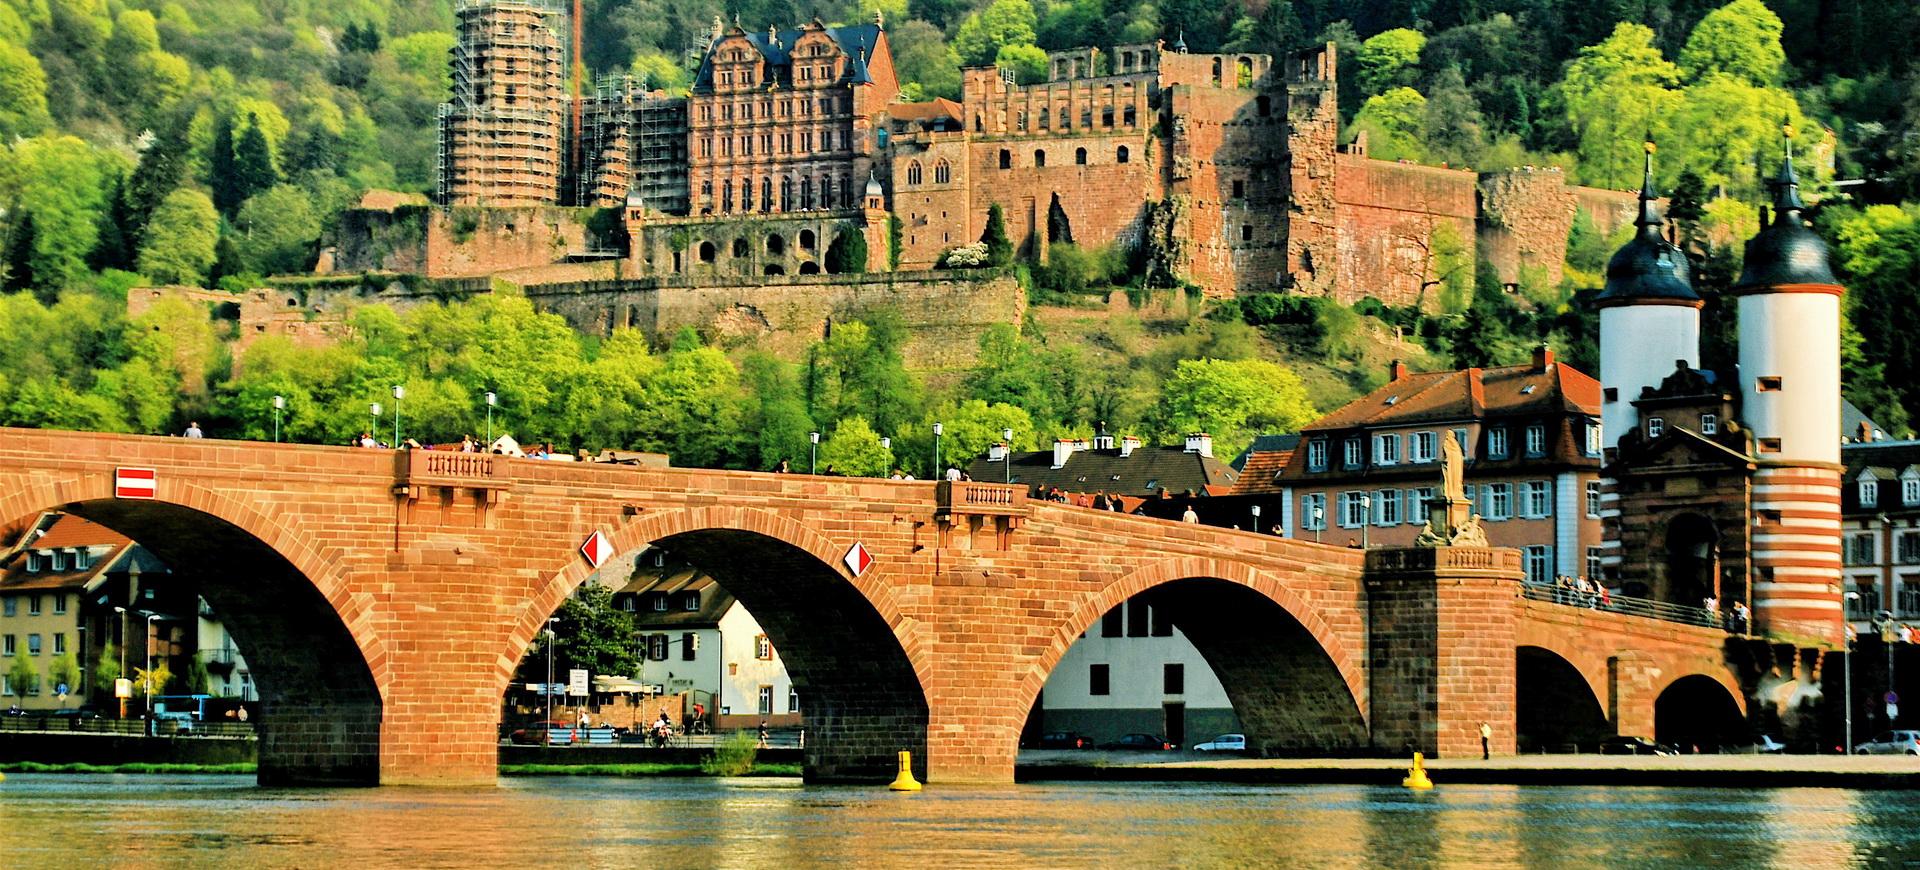 Formalités visa pour un voyage de tourisme en Allemagne